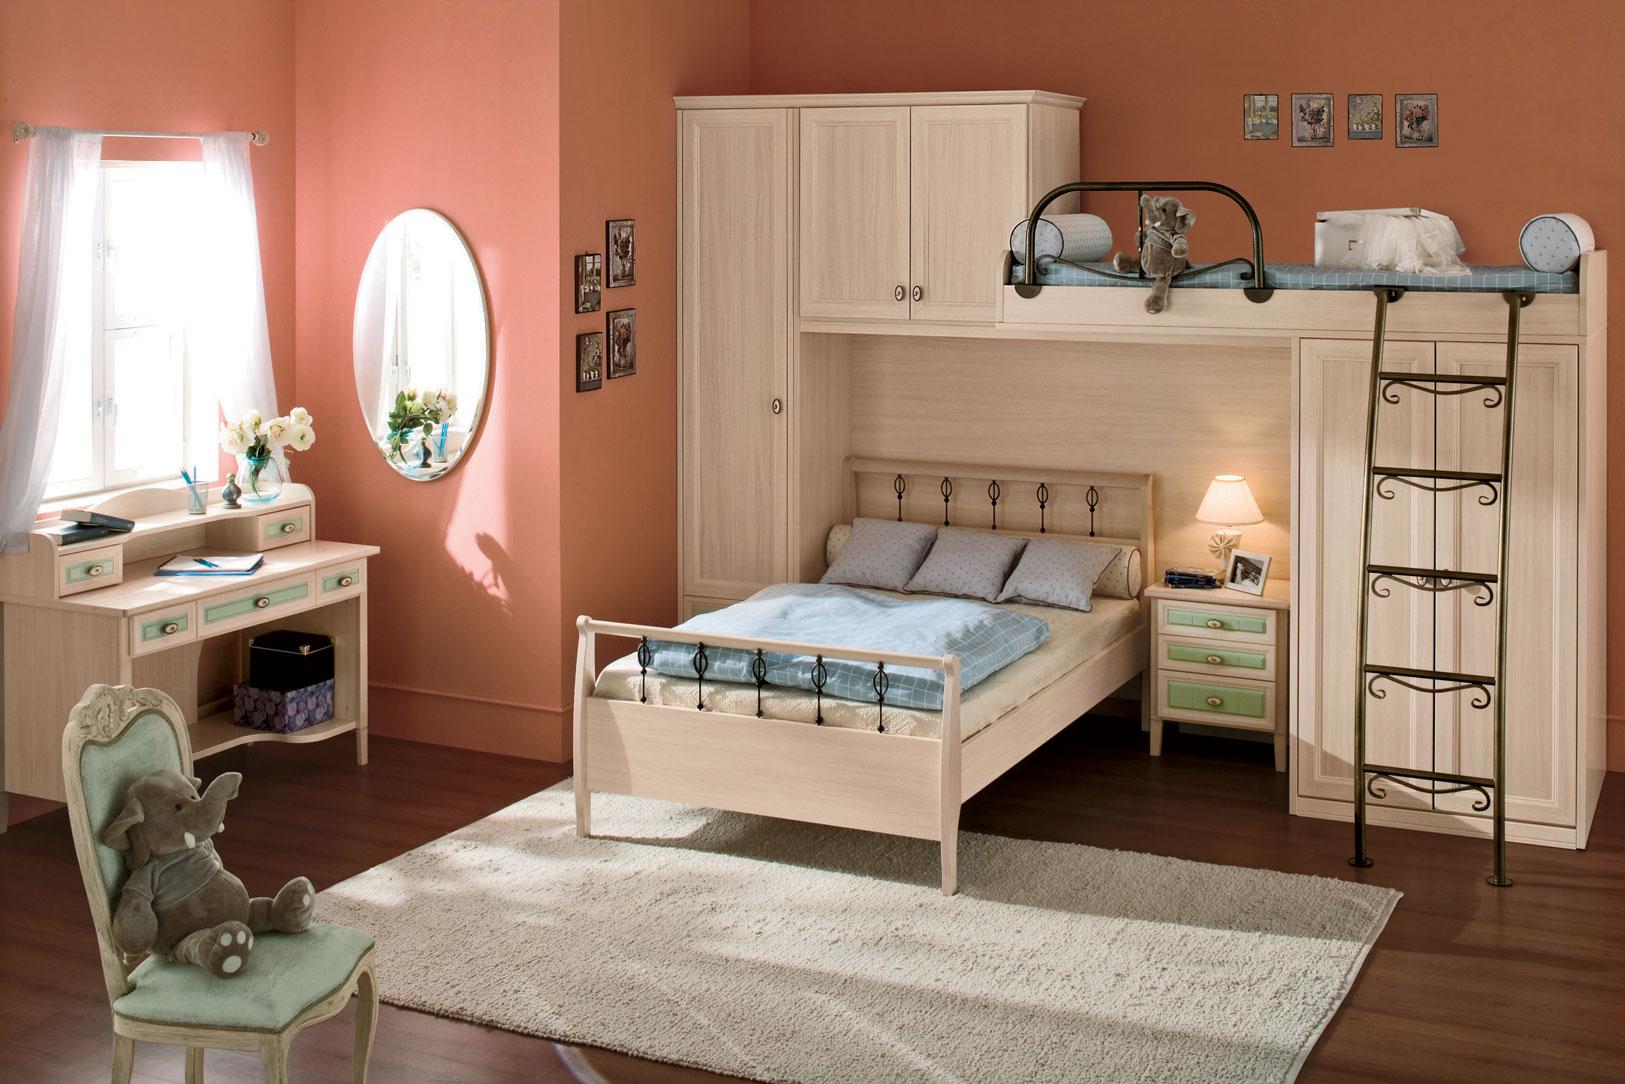 kids bedroom furniture ideas photo - 2